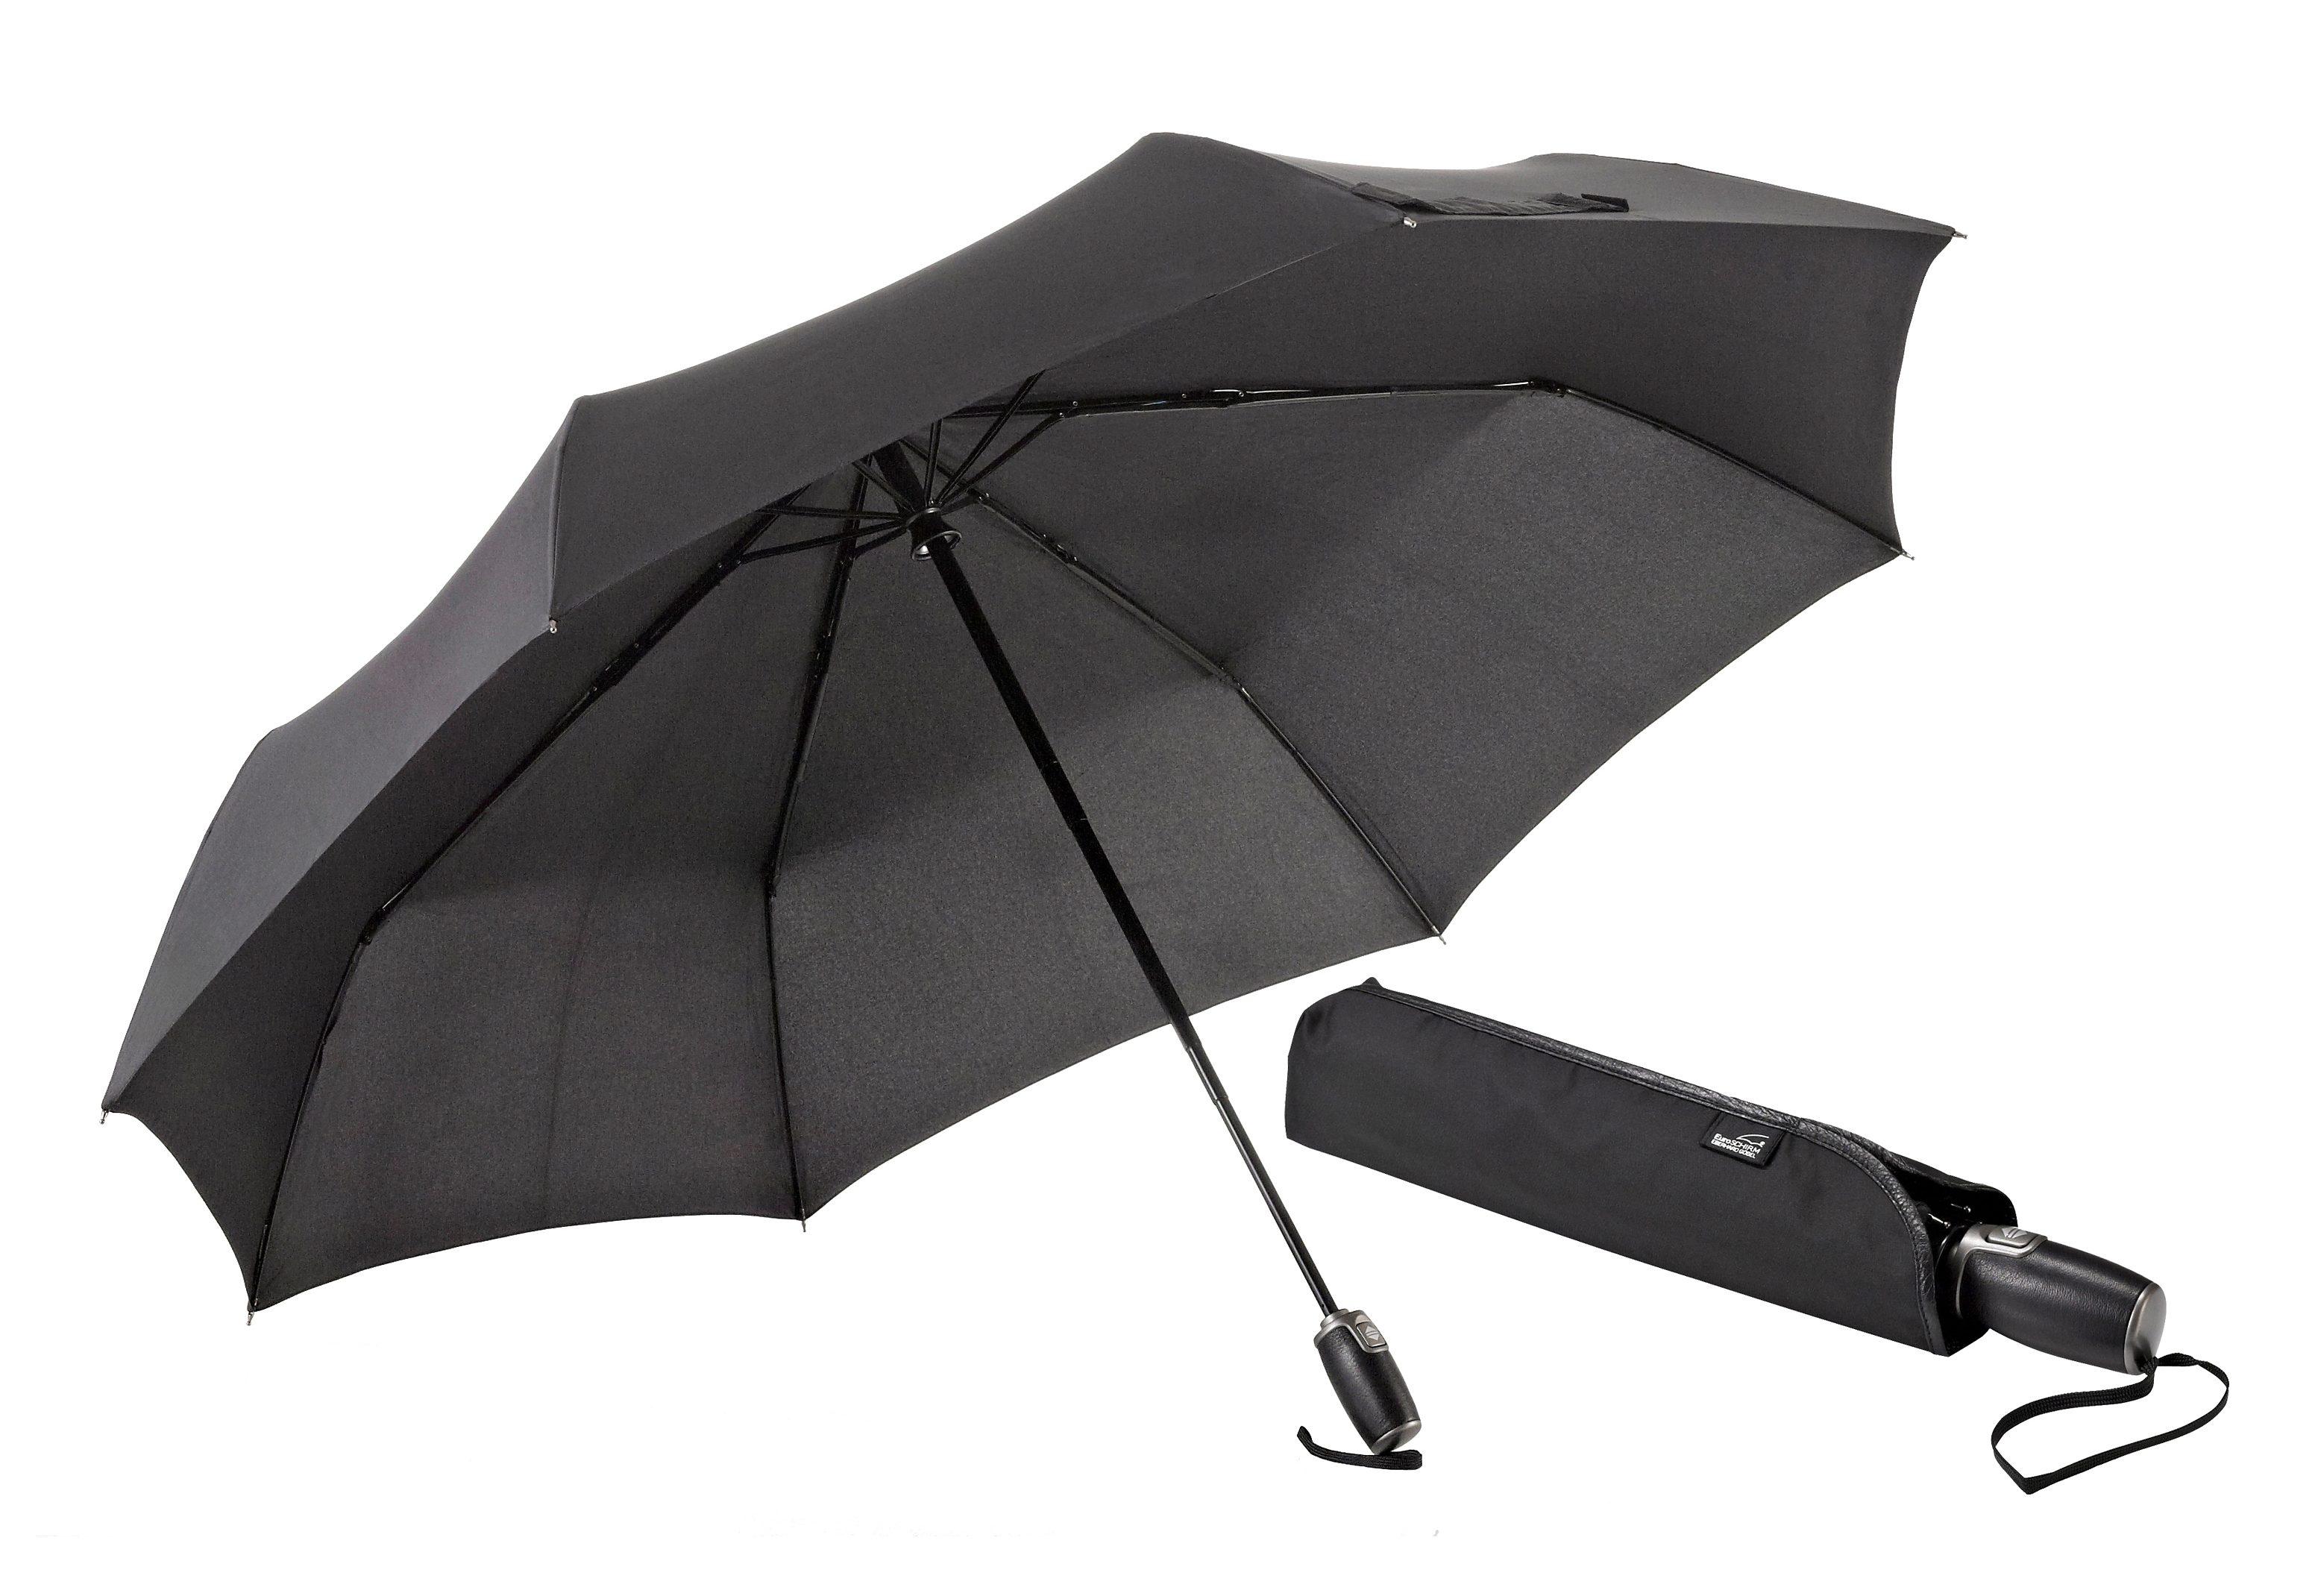 Euroschirm® Regenschirm für Zwei, »Regenschirm für Zwei«